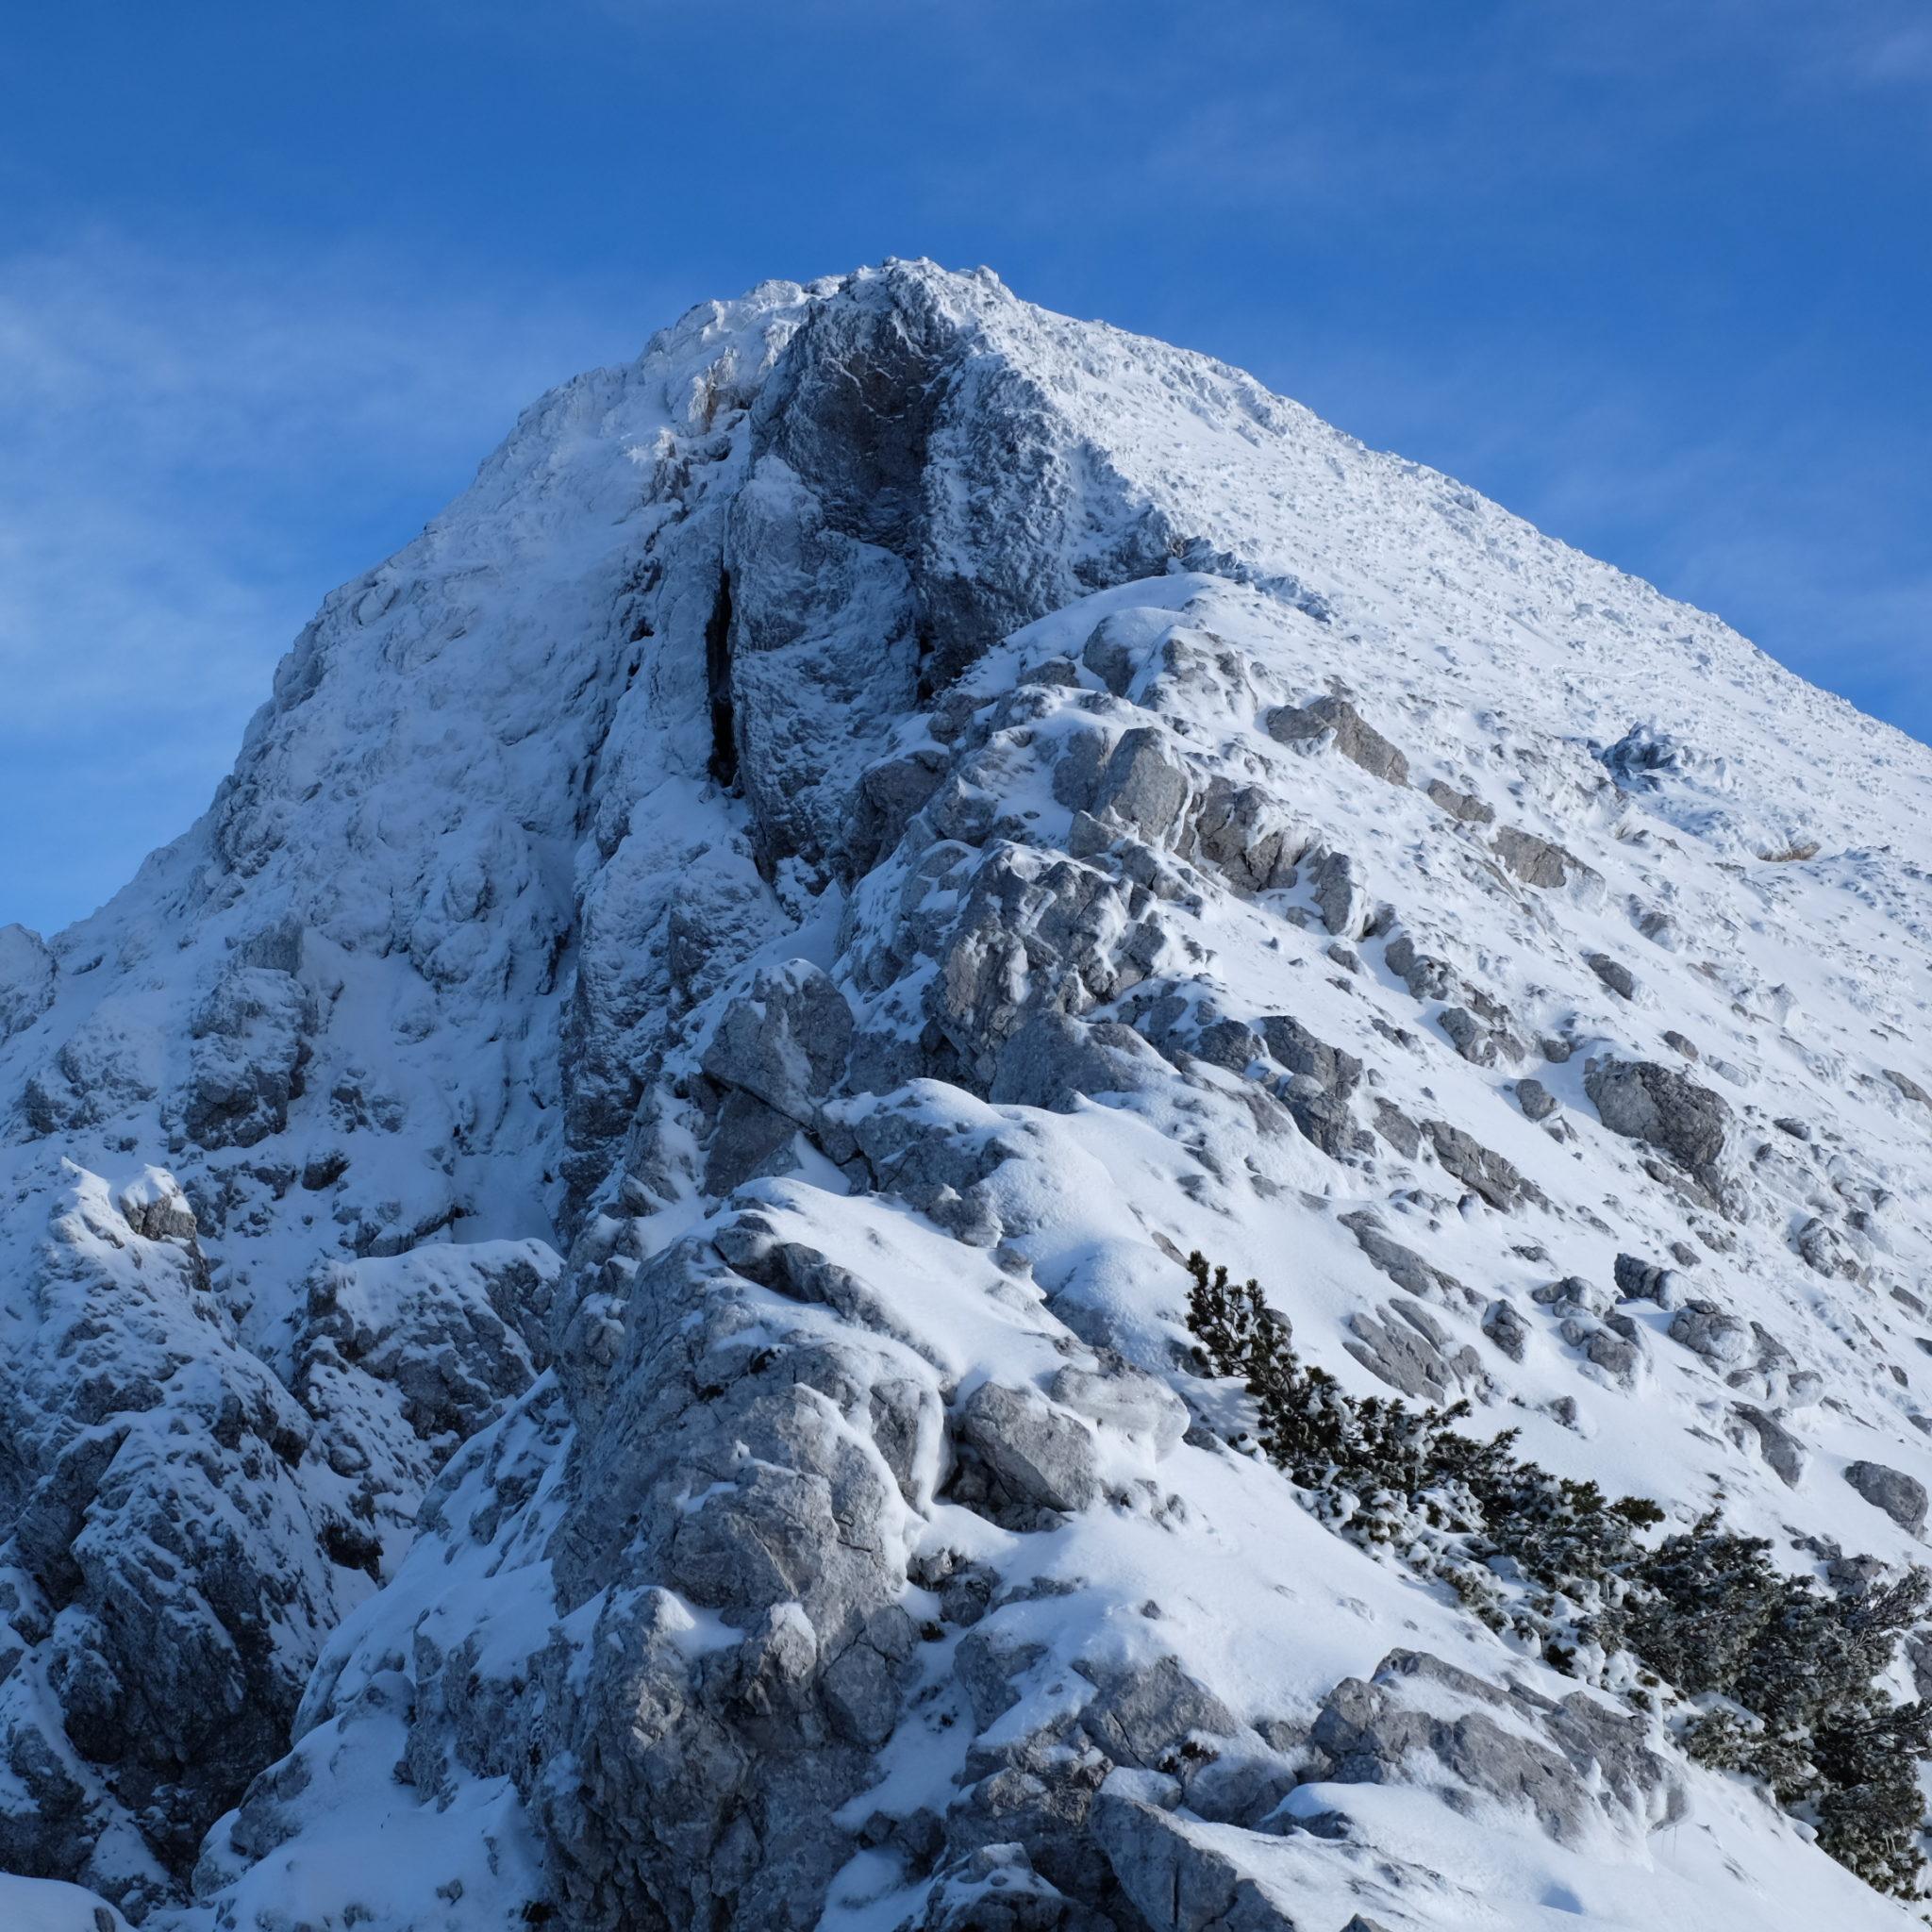 The great peak at its 2,060 meters or 6,760 feet.